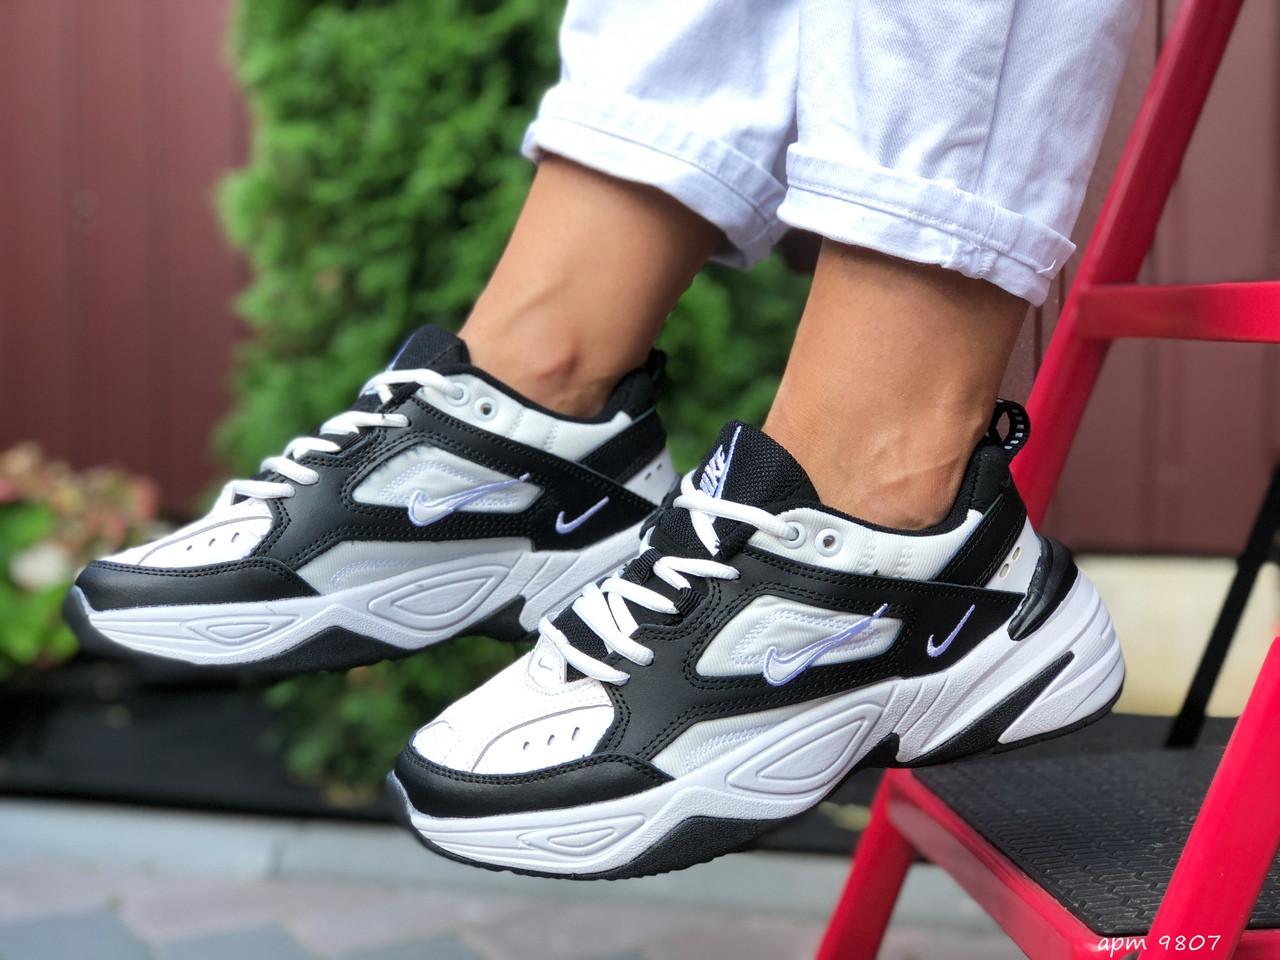 Жіночі кросівки Nike М2К Tekno (біло-чорні) 9807